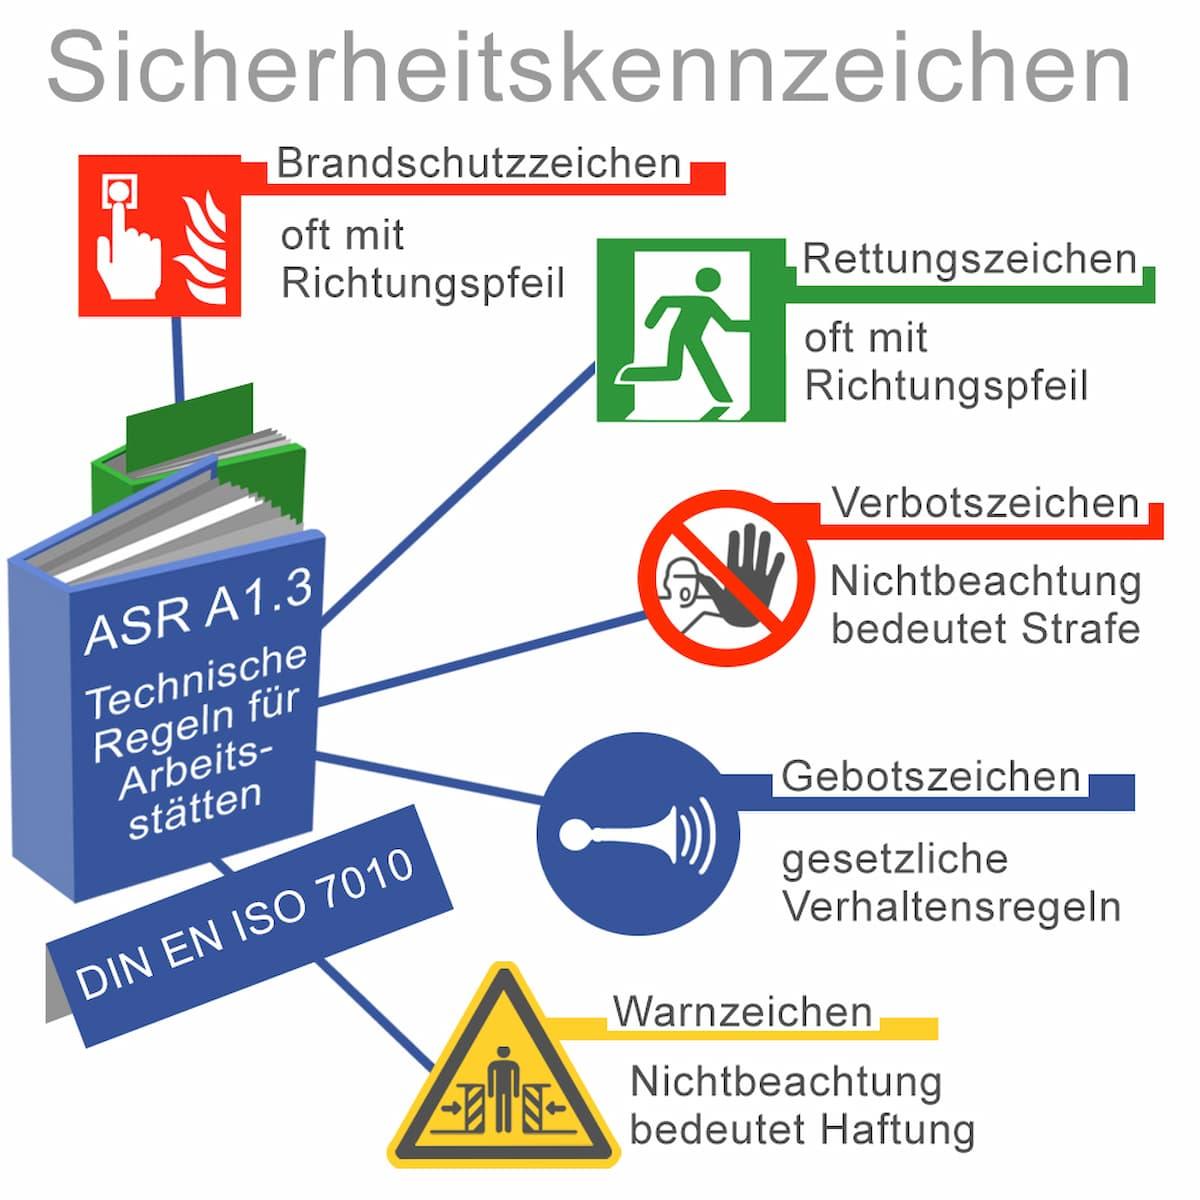 Sicherheitskennzeichen richtig verstehen